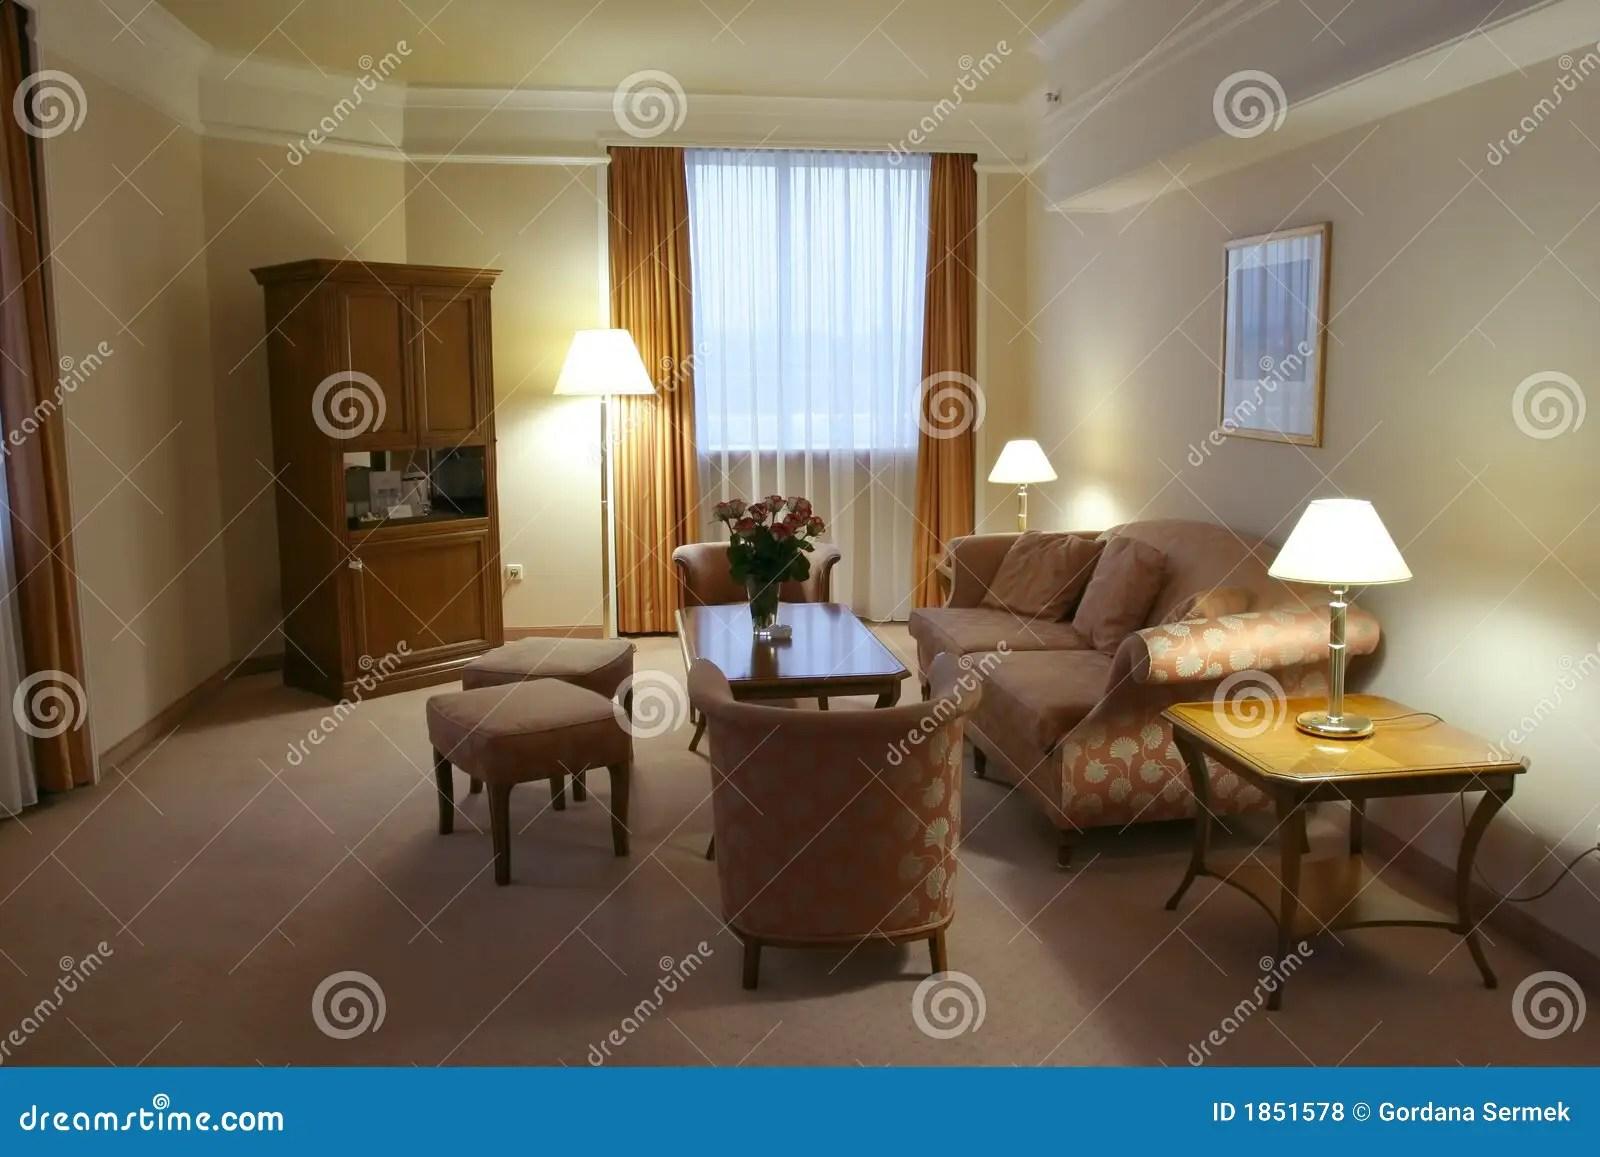 Decorazioni Per Casa Moderna : Decorazione camera da letto tumblr b giro u design per la casa